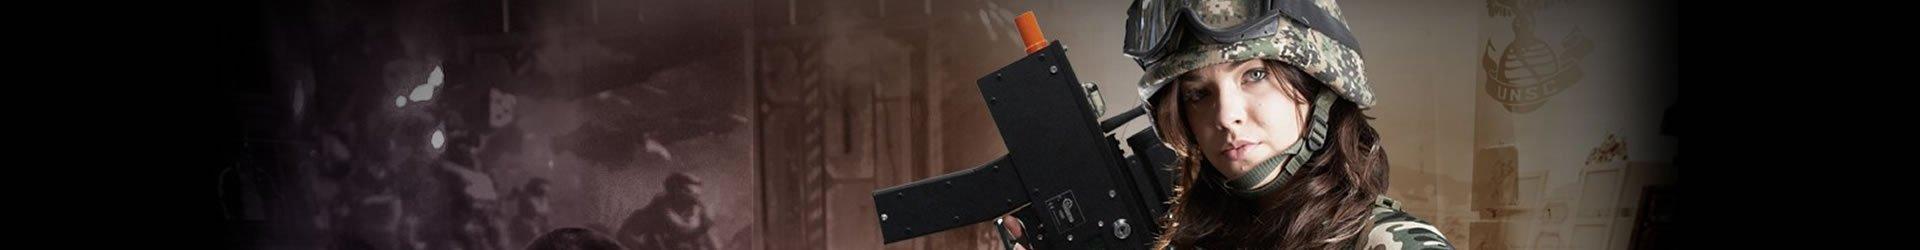 laser tag gun scorpion